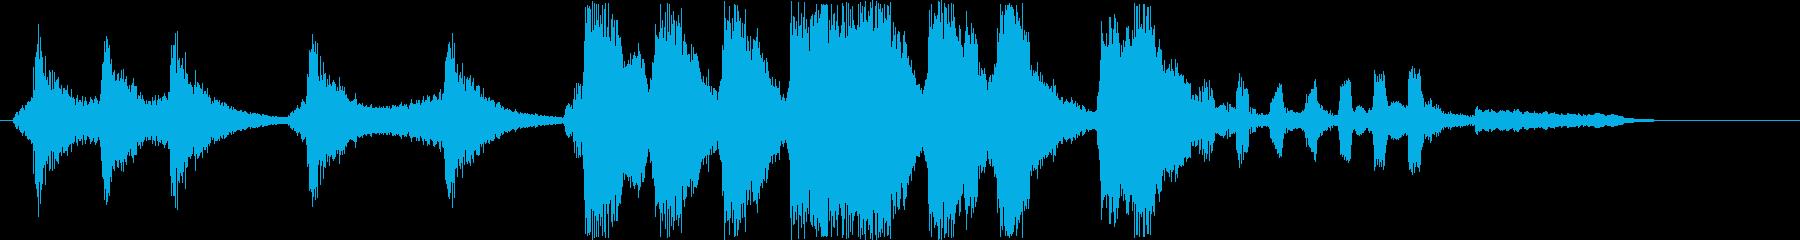 コミカルなシンセサウンド短めの再生済みの波形